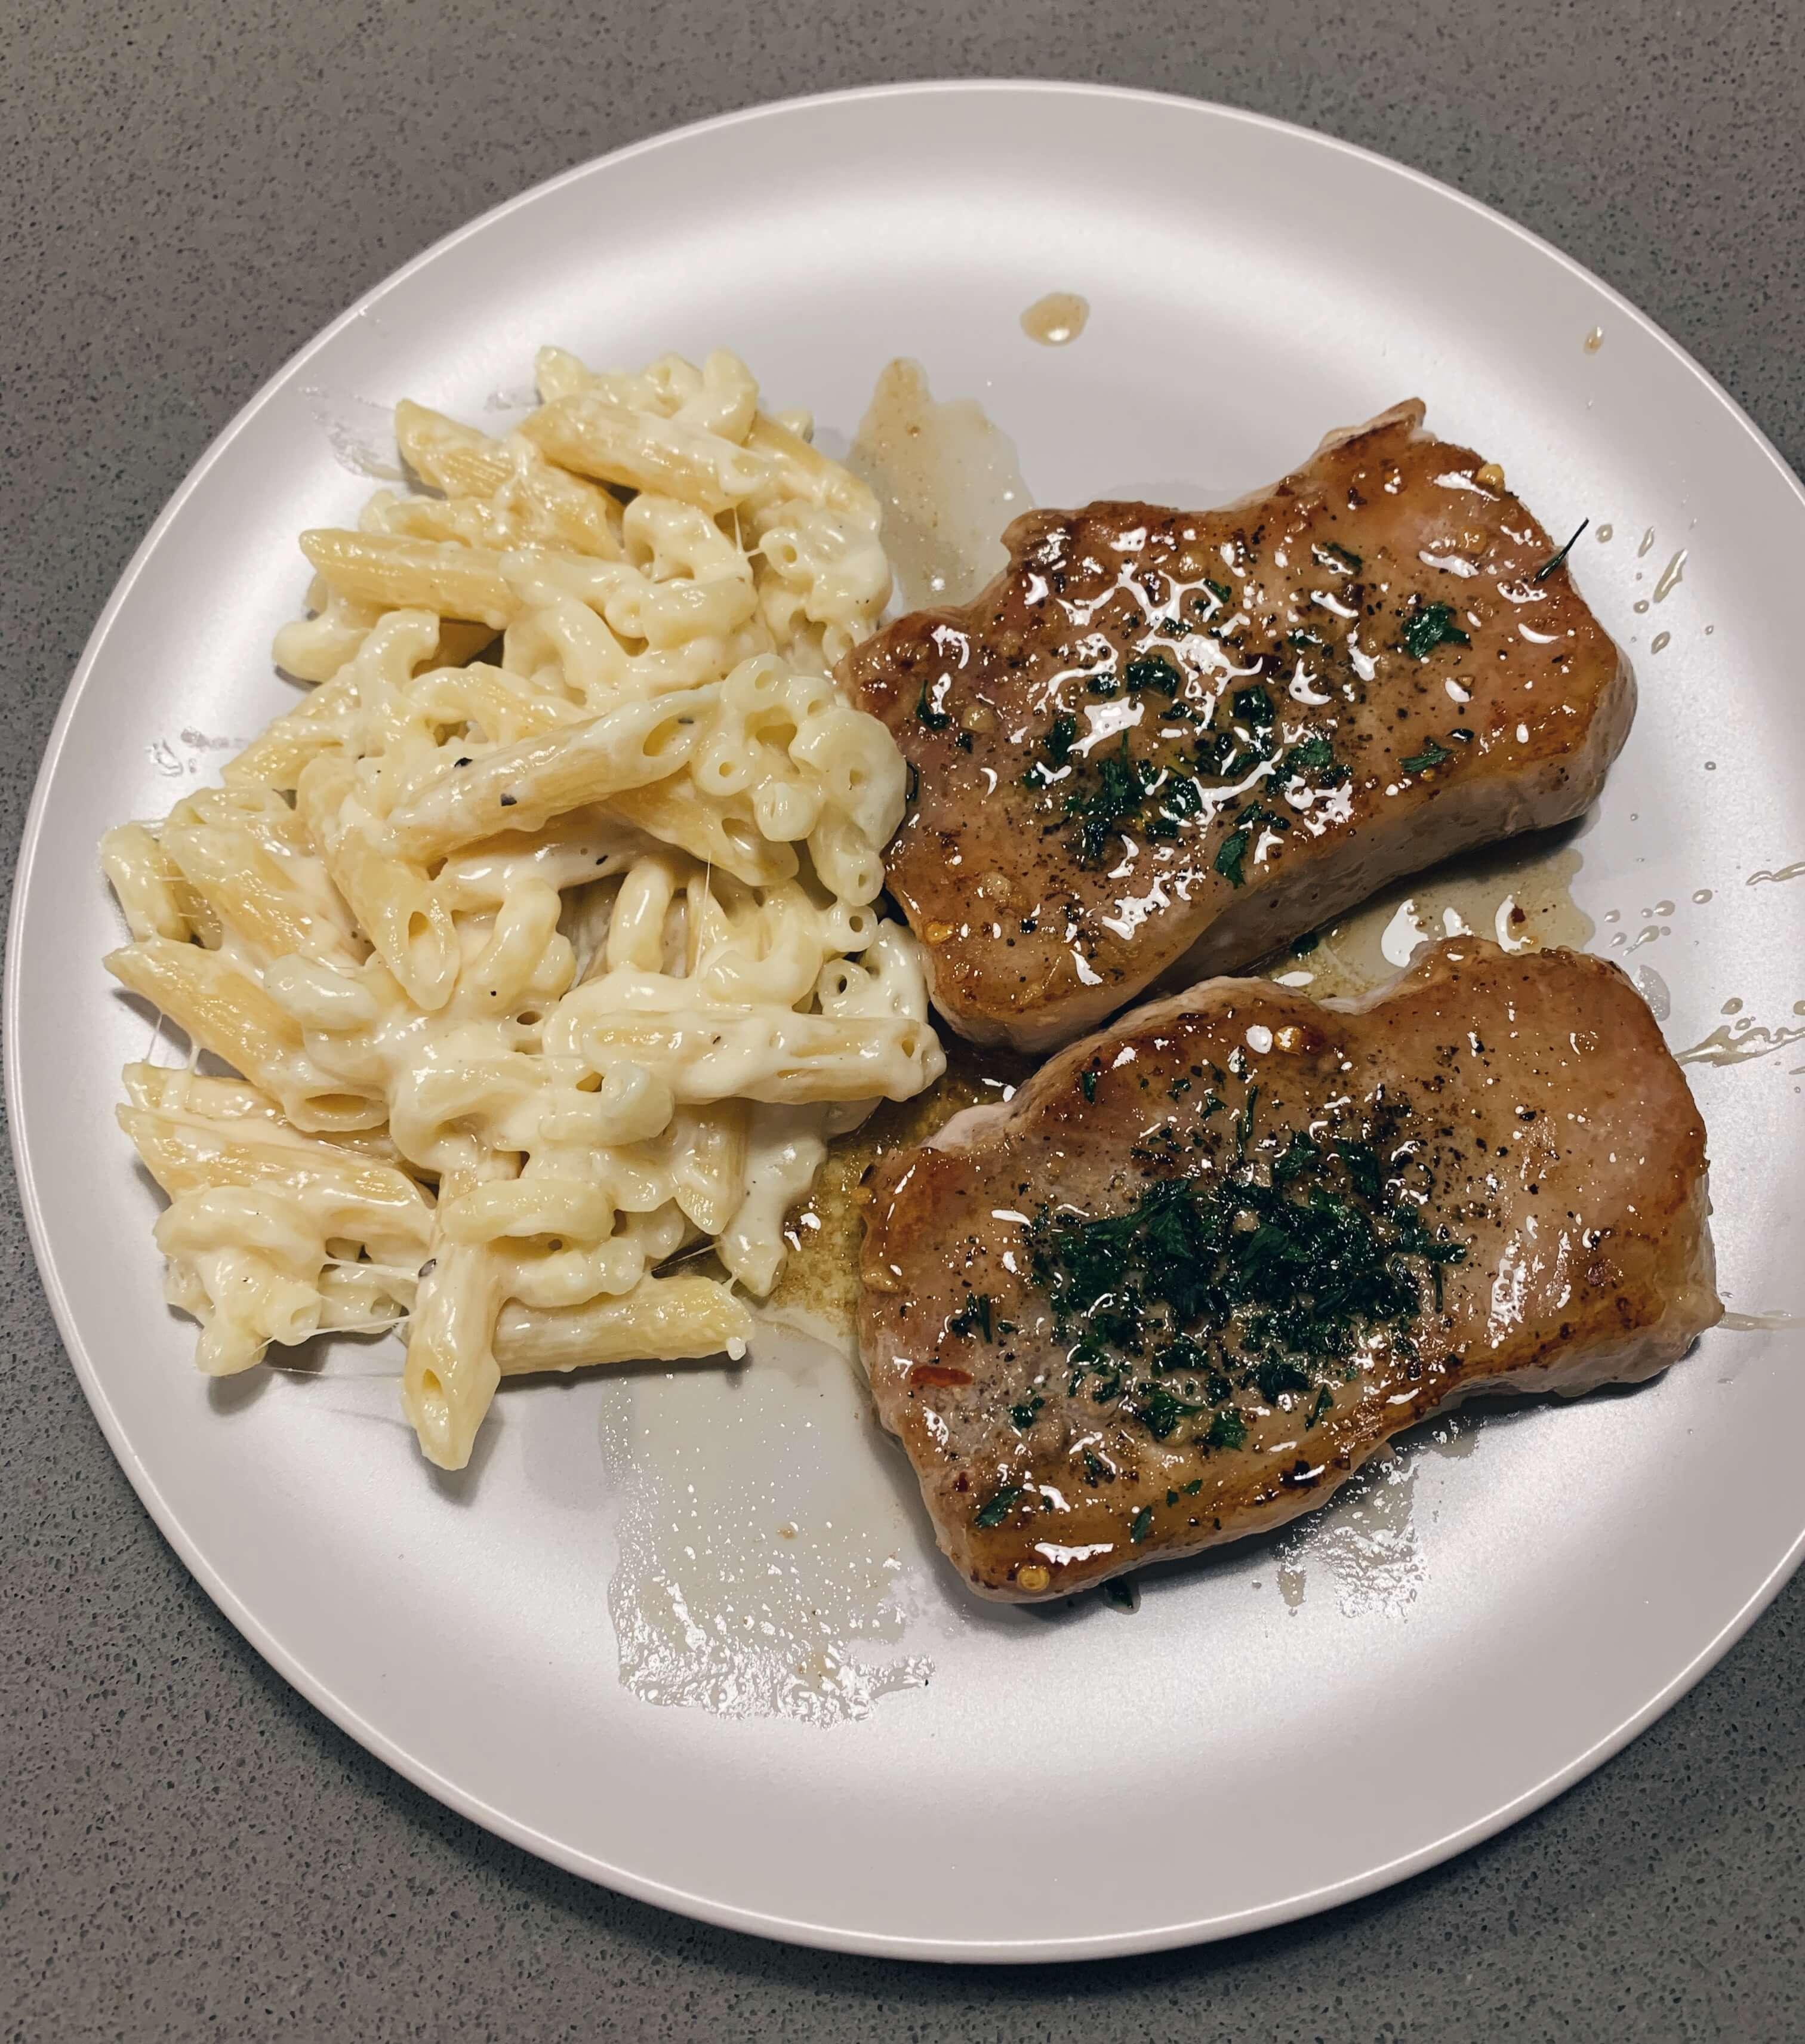 Brown Sugar & Garlic Pork chops with Homemade Mac & Cheese